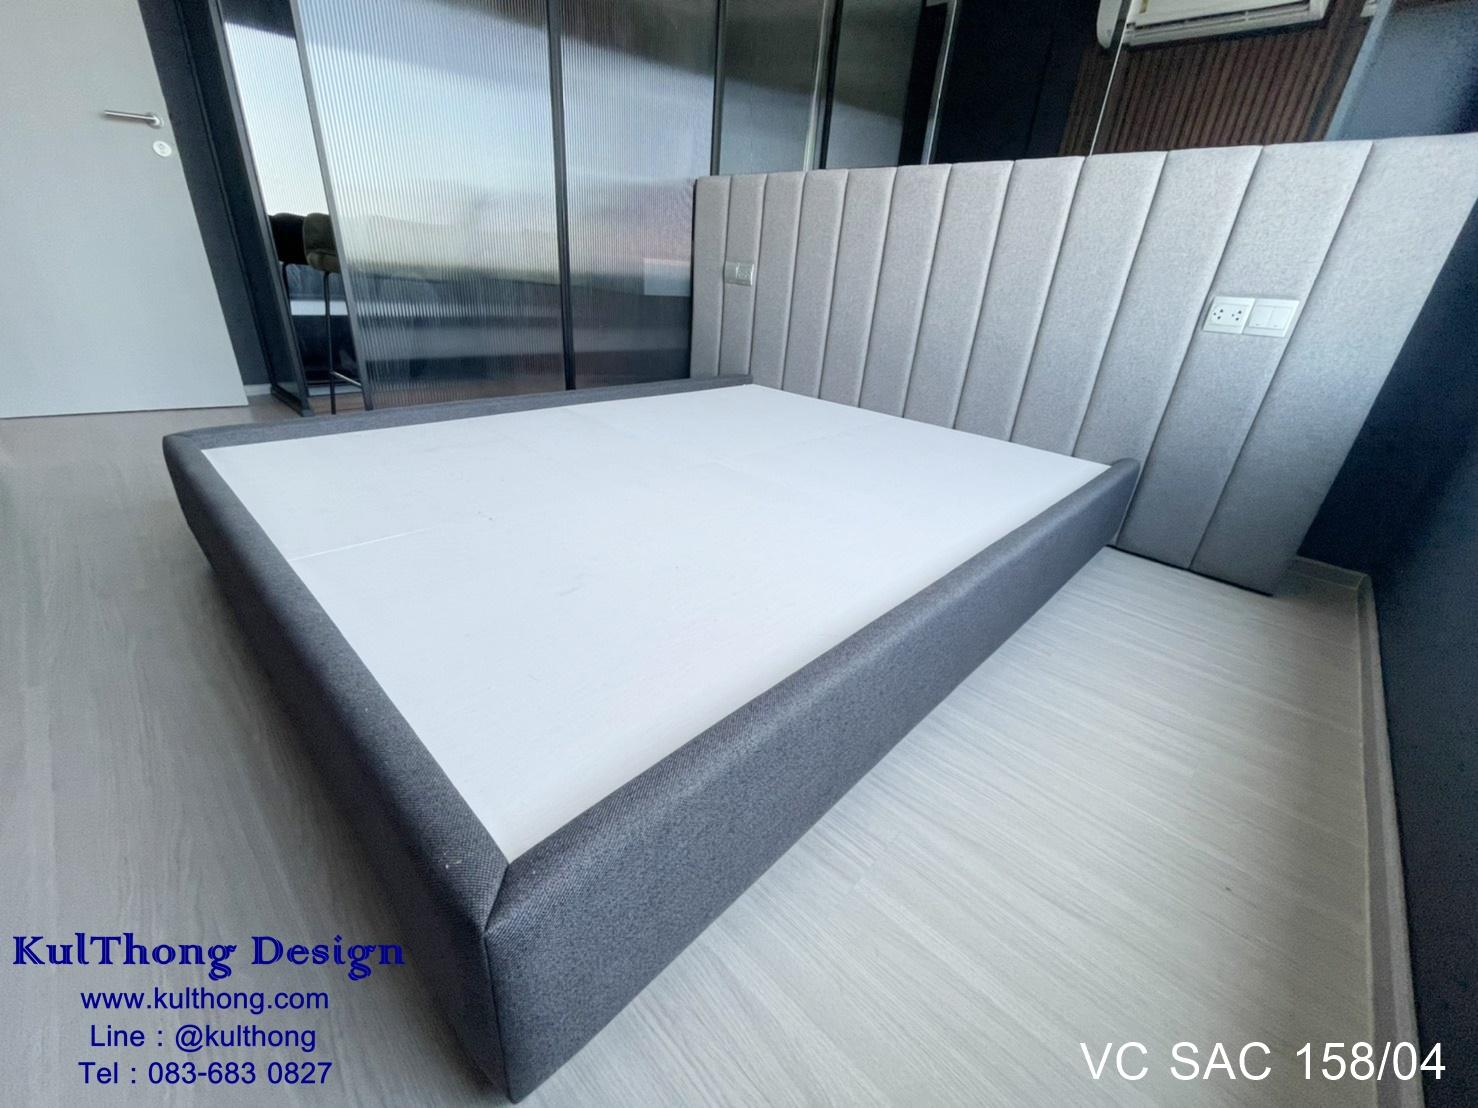 เตียงประกอบ ฐานรองที่นอน เตียงหุ้มผ้า